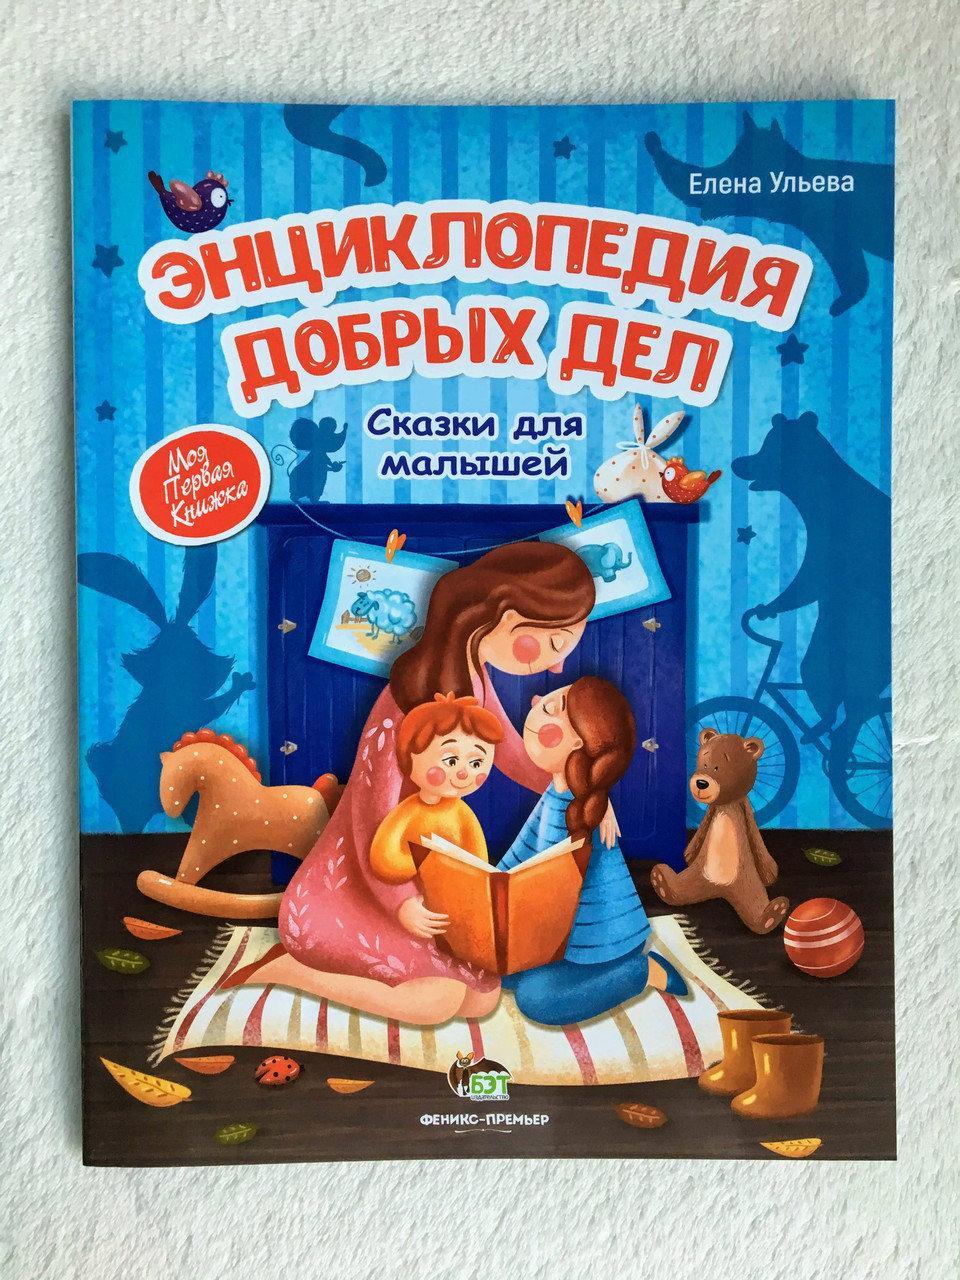 Энциклопедия добрых дел. Сказки для малышей